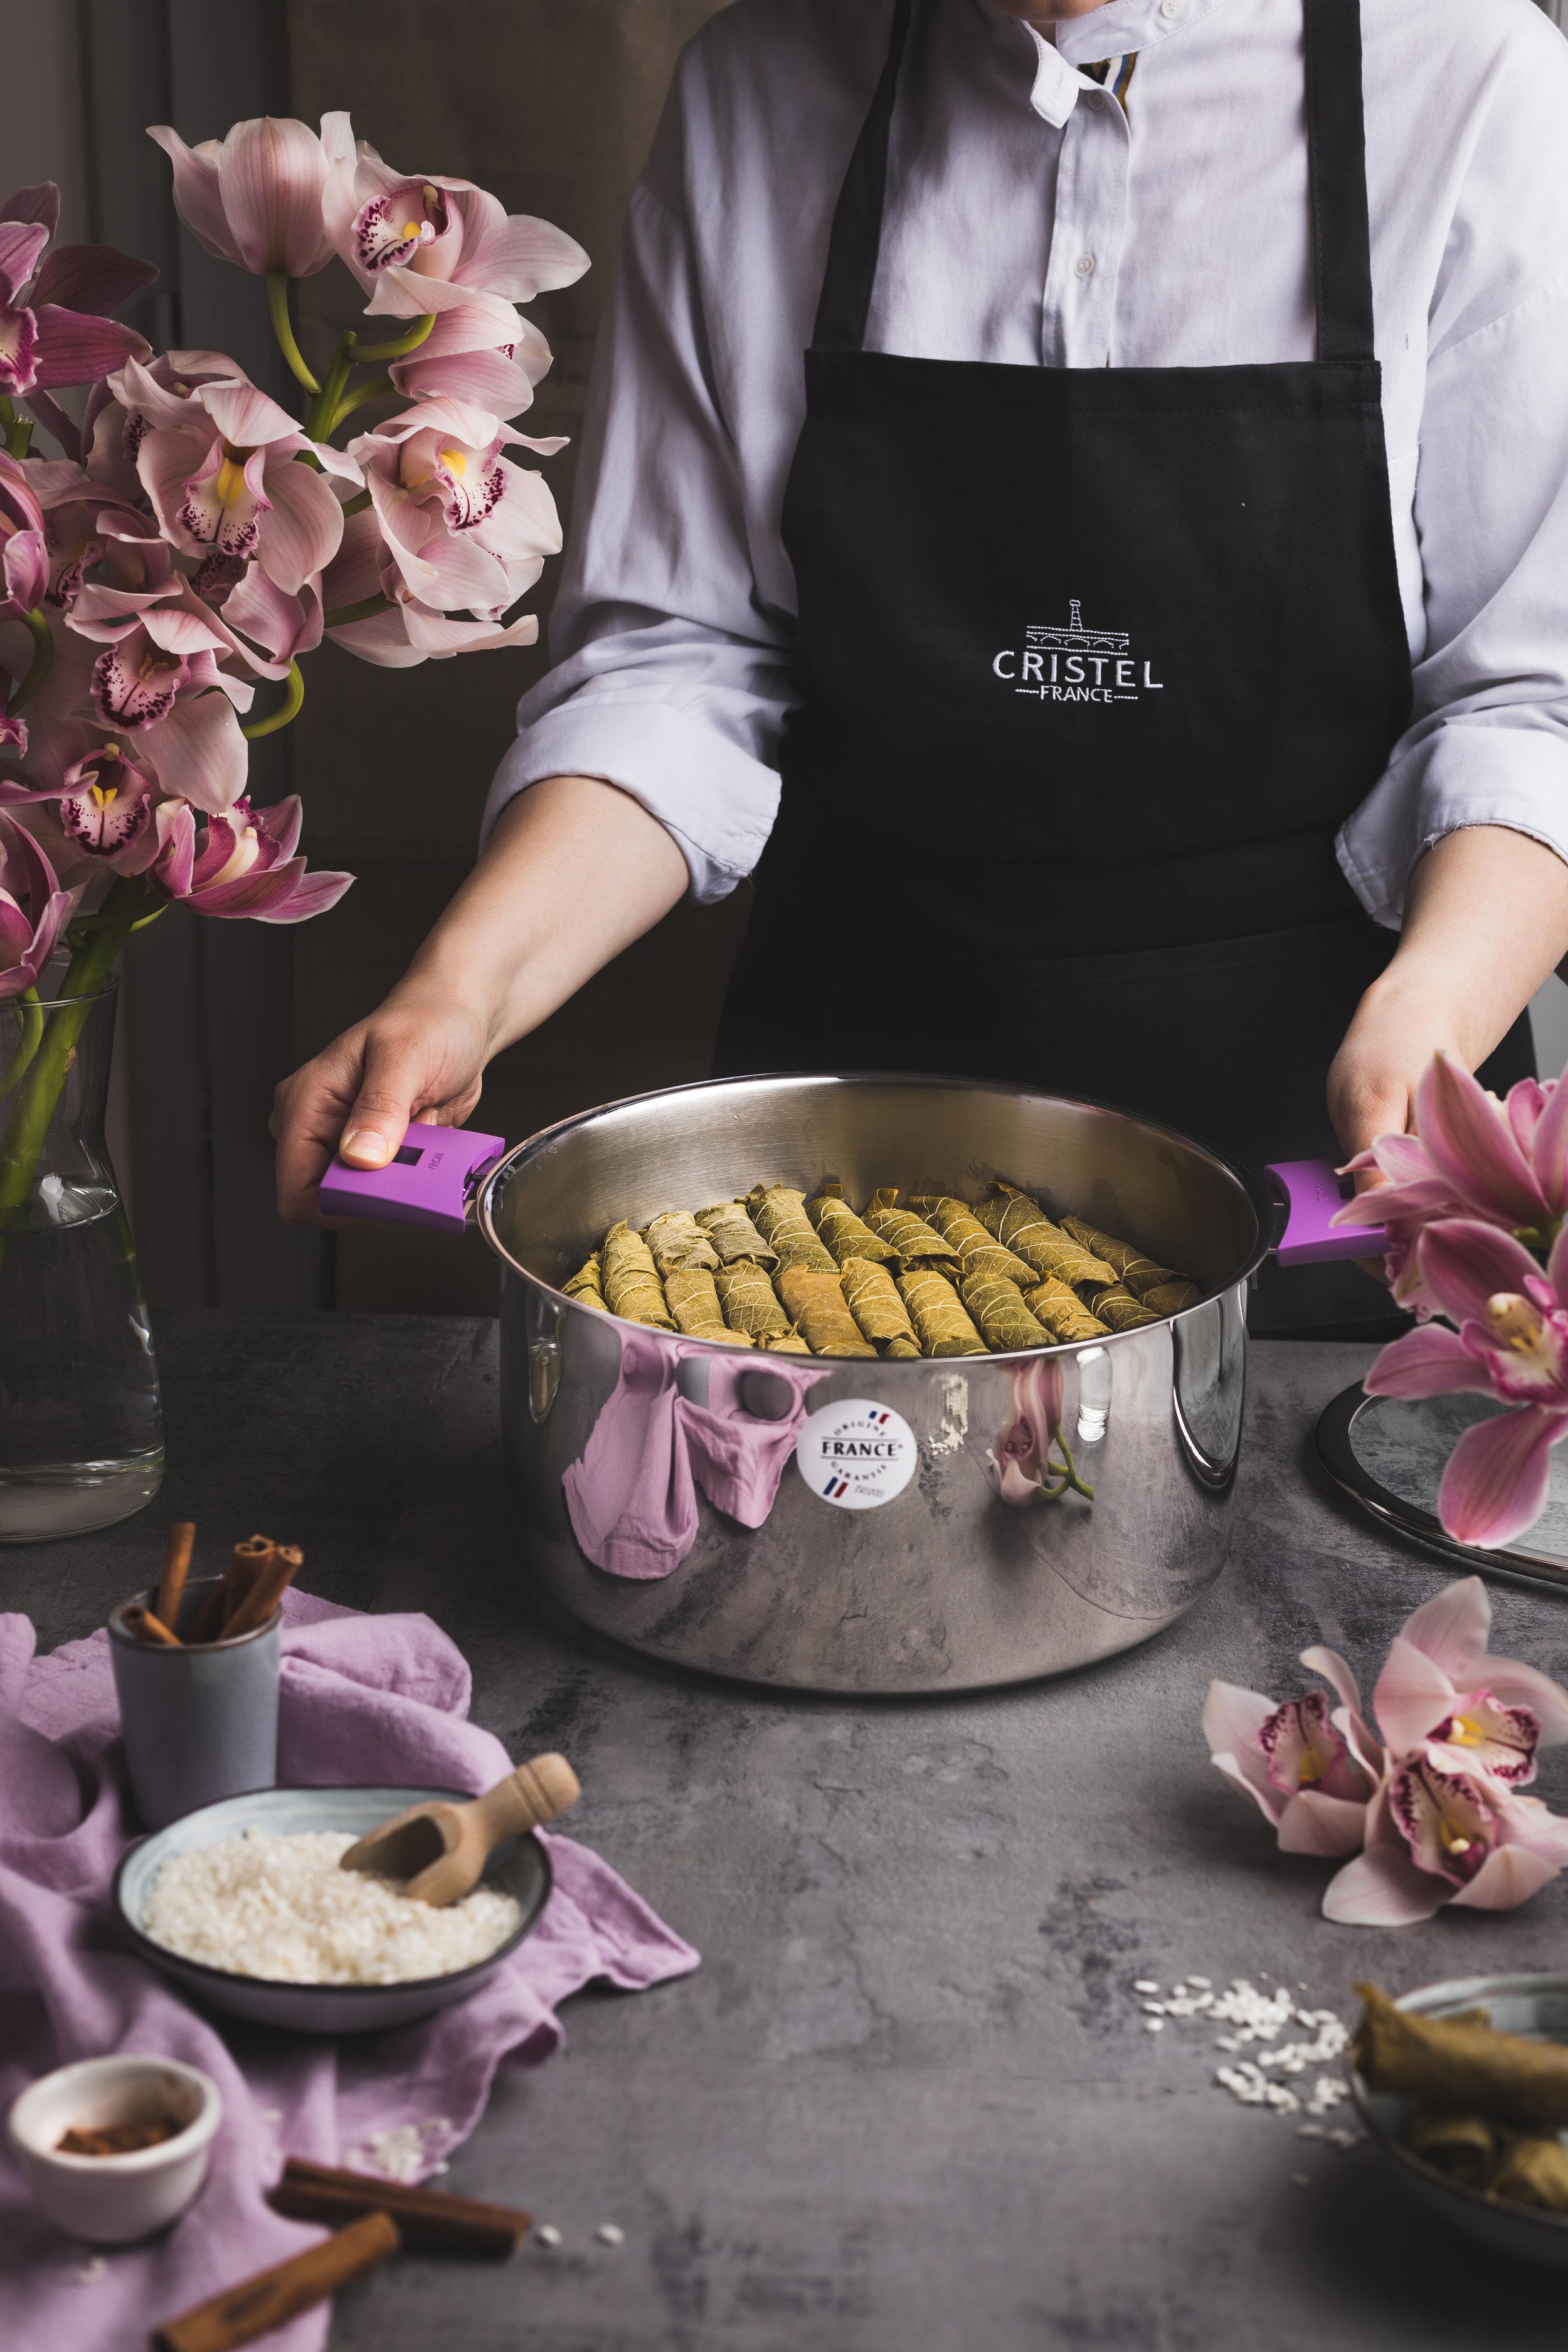 Feuilles de vignes farcies au riz à la Libanaise cuites dans le faitout Mutine de CRISTEL France.